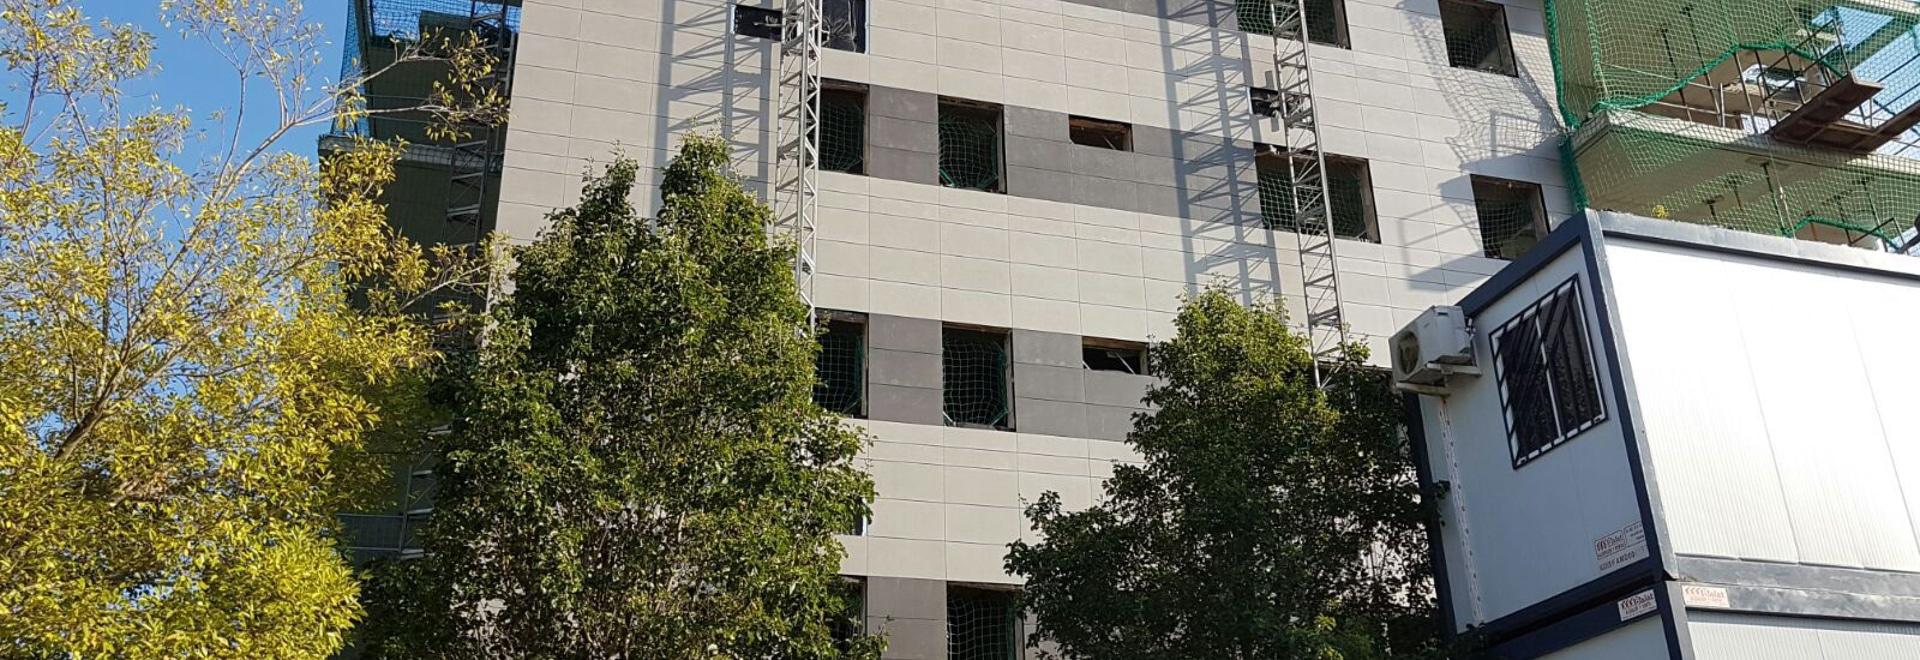 Immeuble avec les façades exhalées, nouveau projet de Sistema Masa